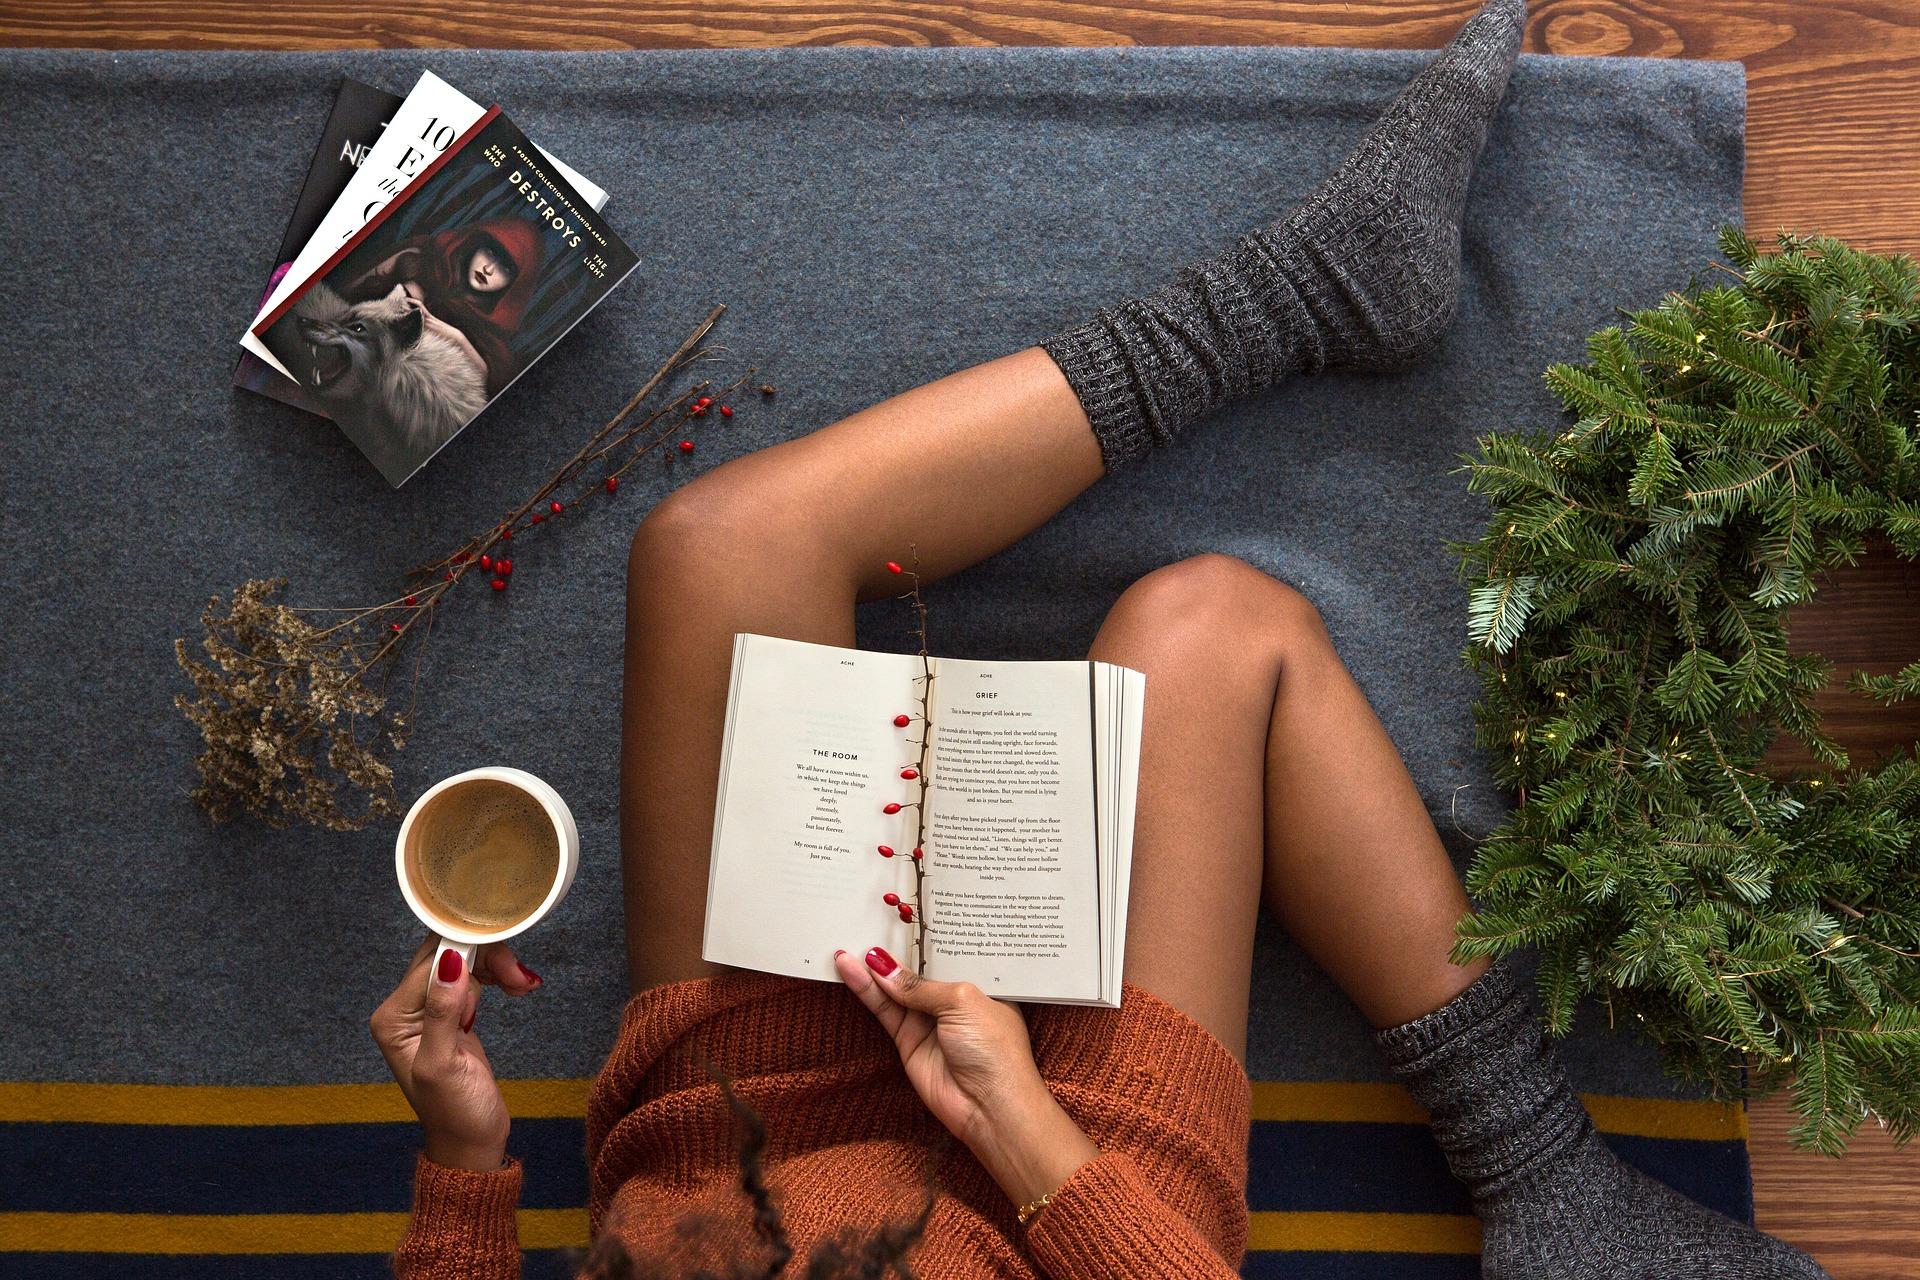 Natale 2018 libri per adulti divise per tipologie di persone